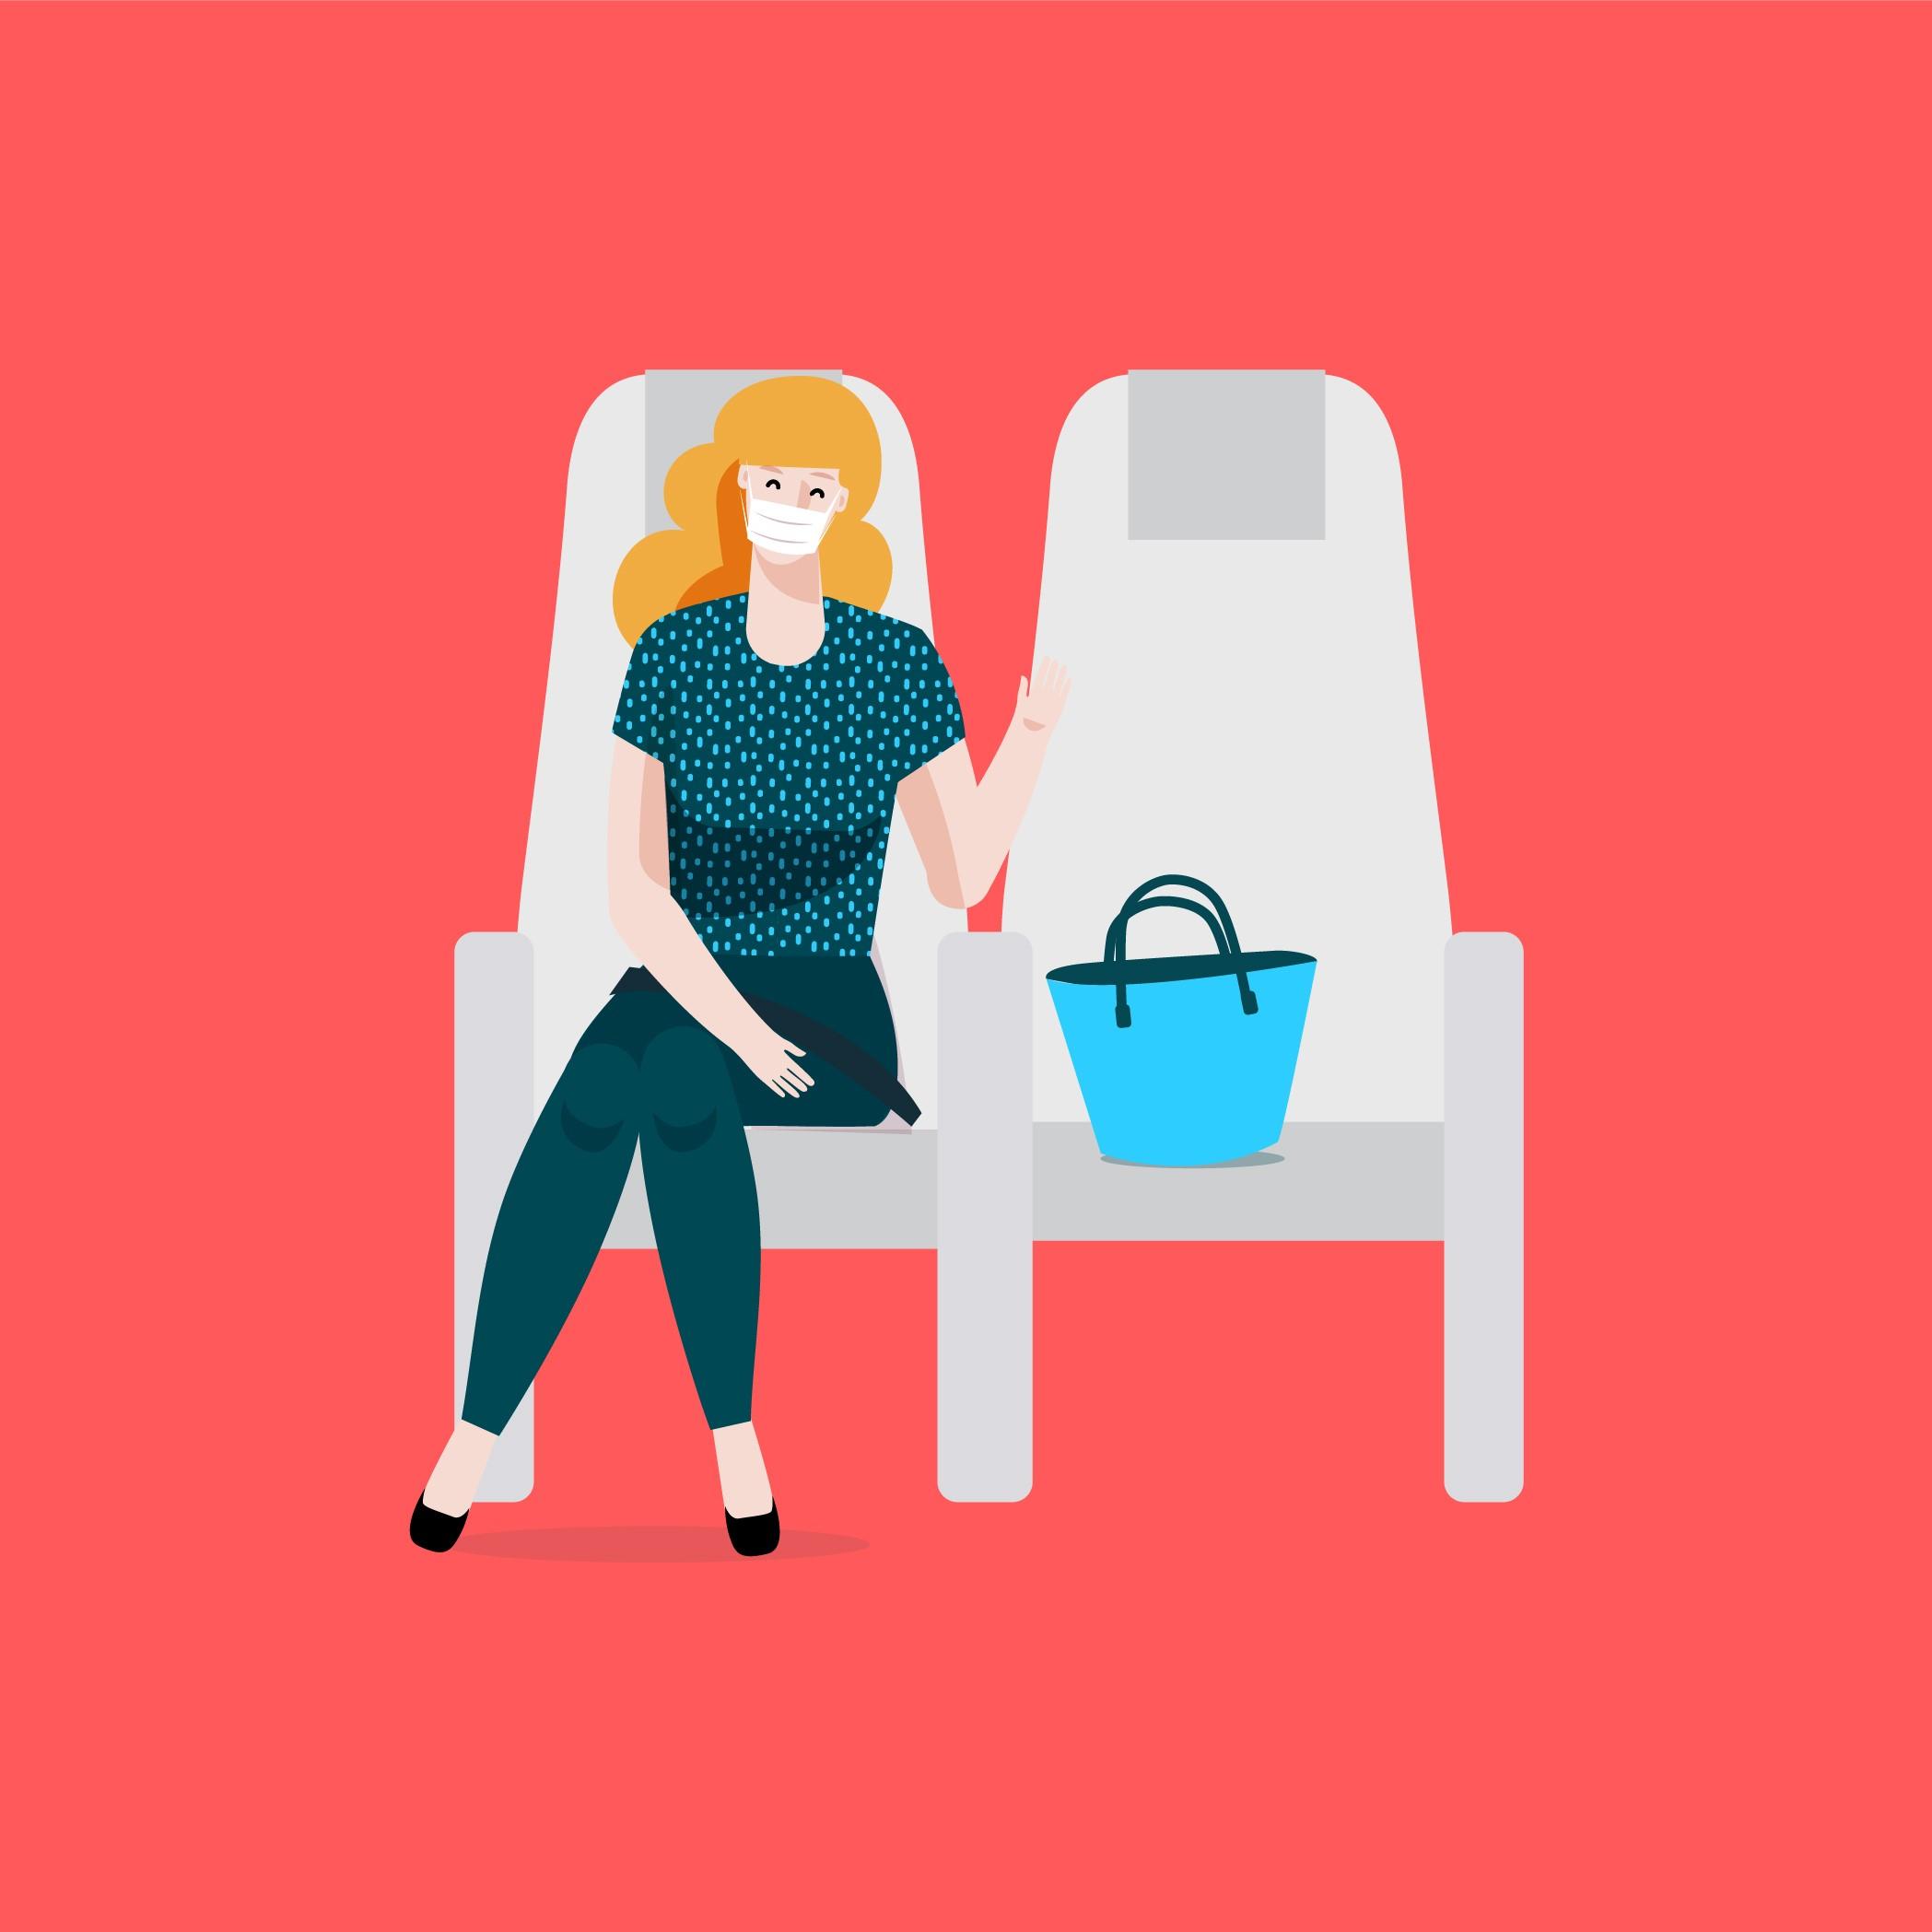 BlaBlaCar startet Fernbus-Angebot und verzeichnet starke Anfrage nach Mitfahrgelegenheiten